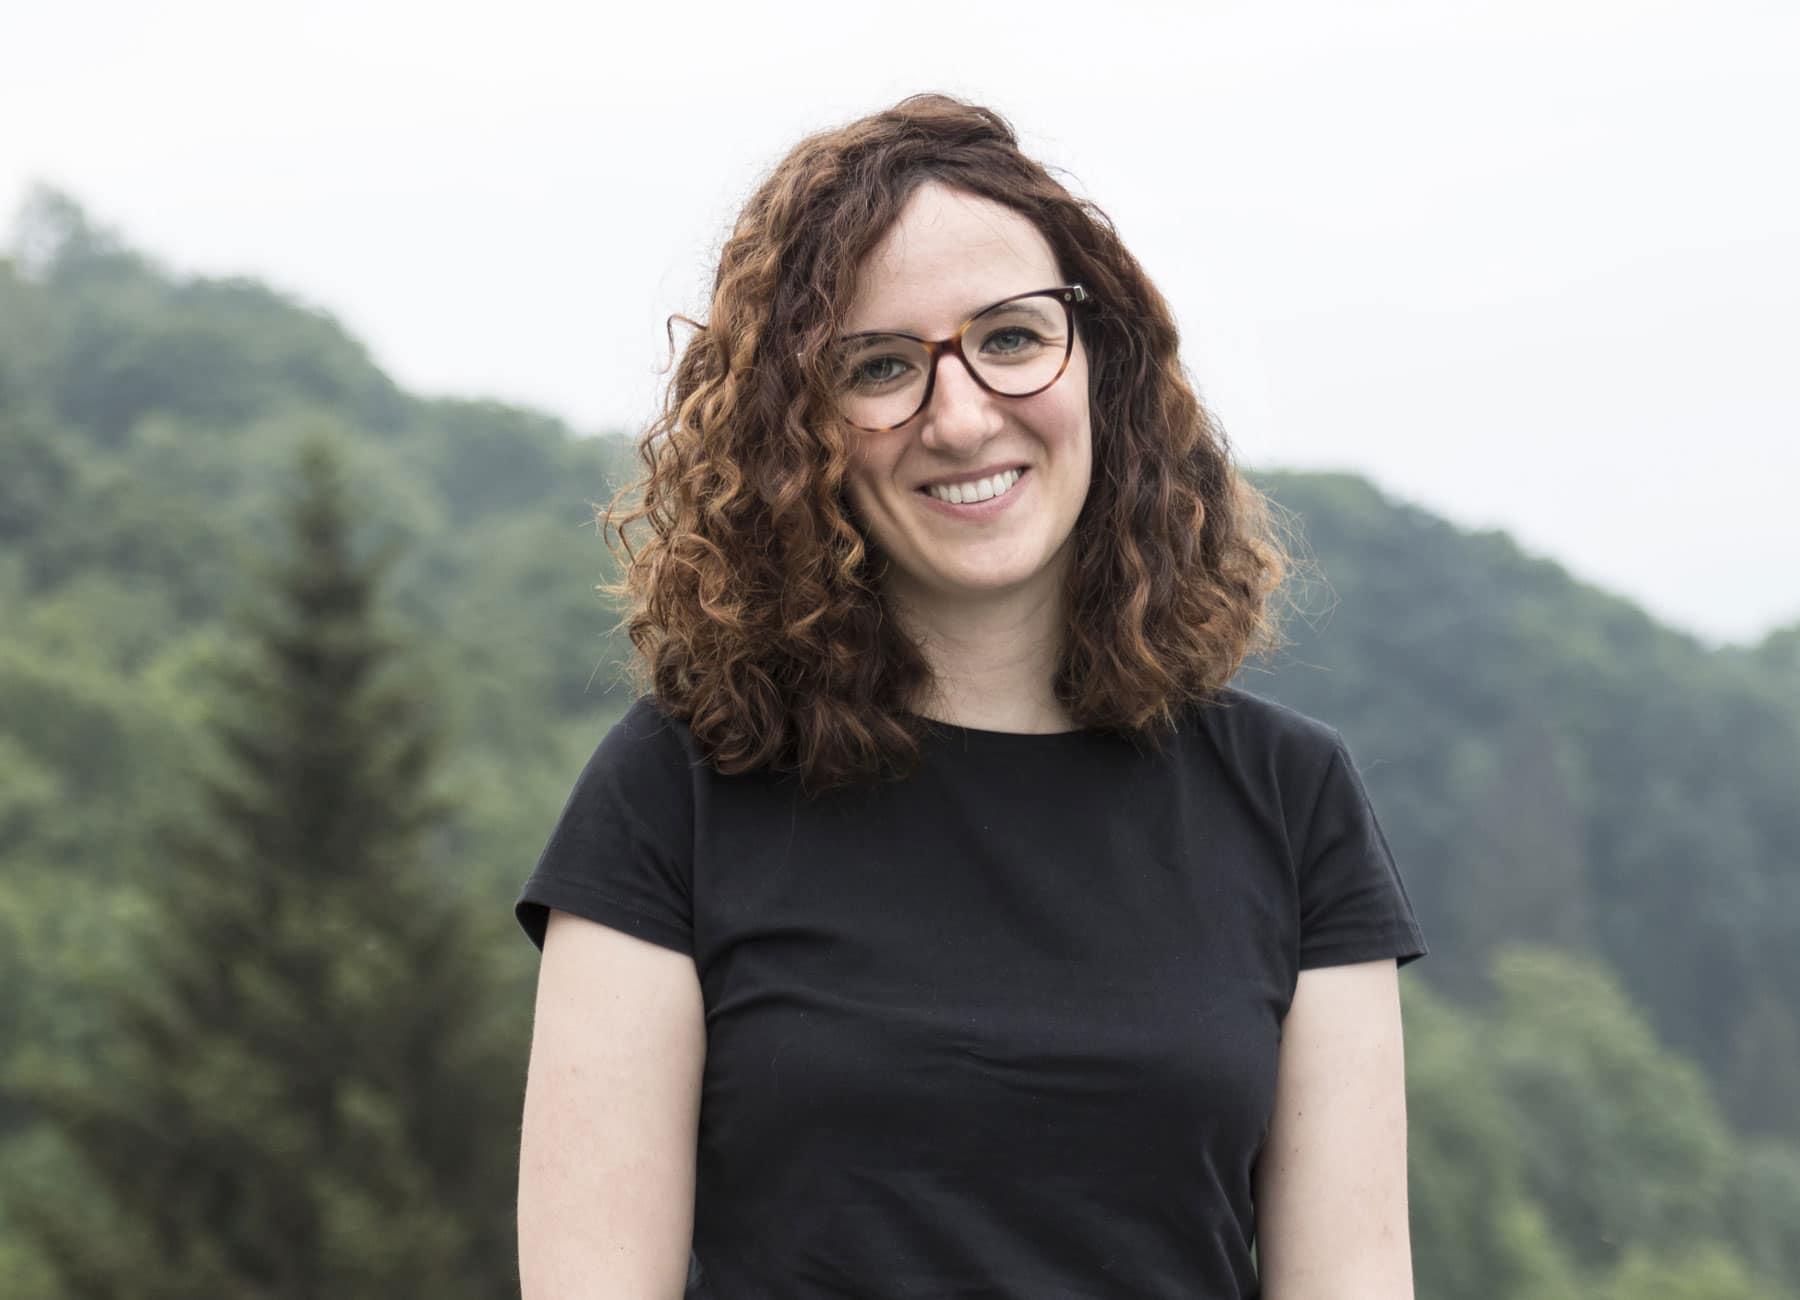 Paola Pezzatti